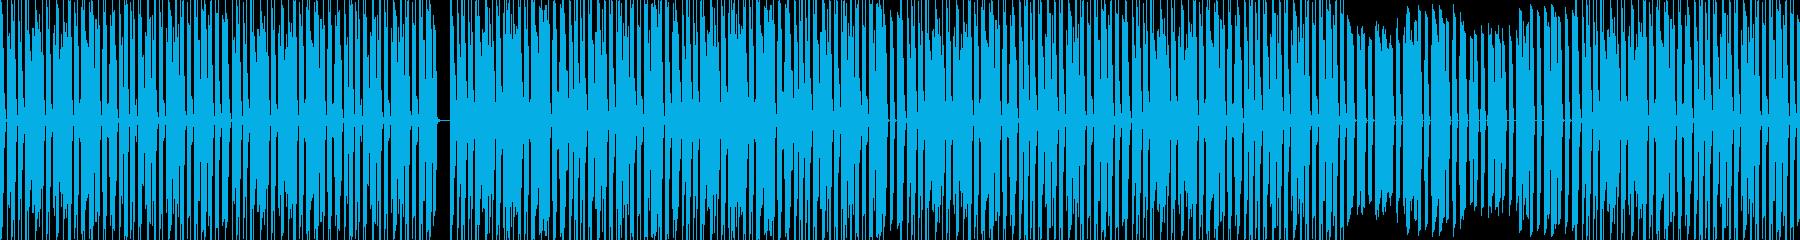 かわいくて明るい感じの優しいビートの再生済みの波形